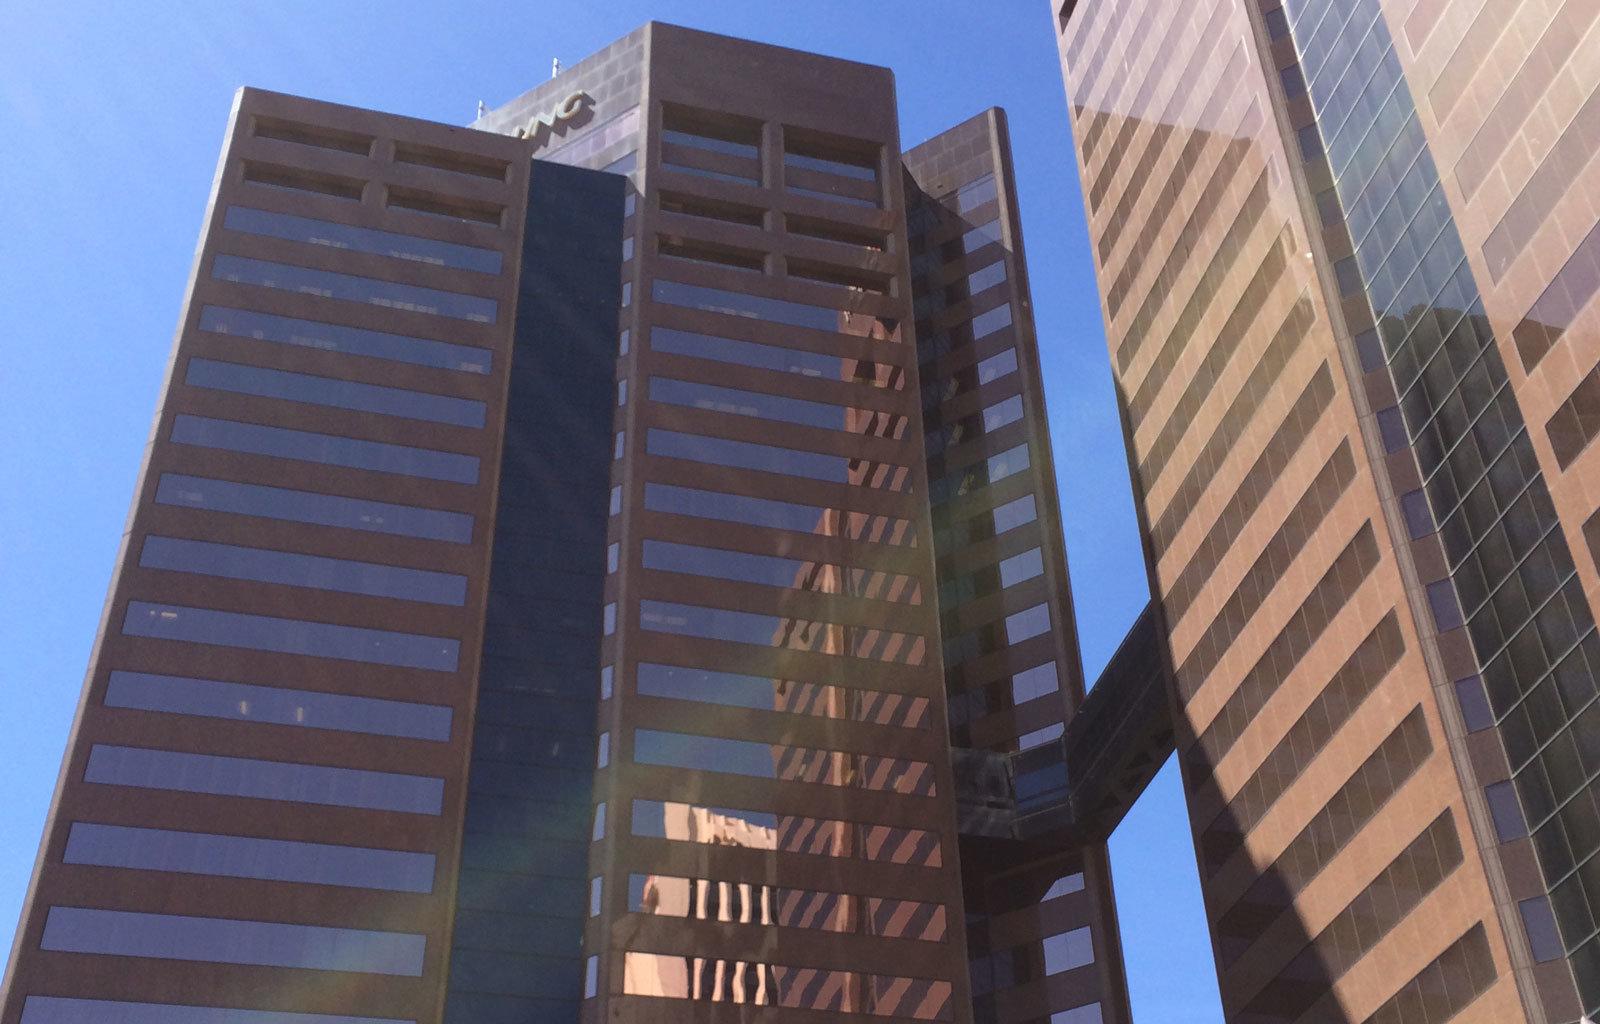 officebuildings